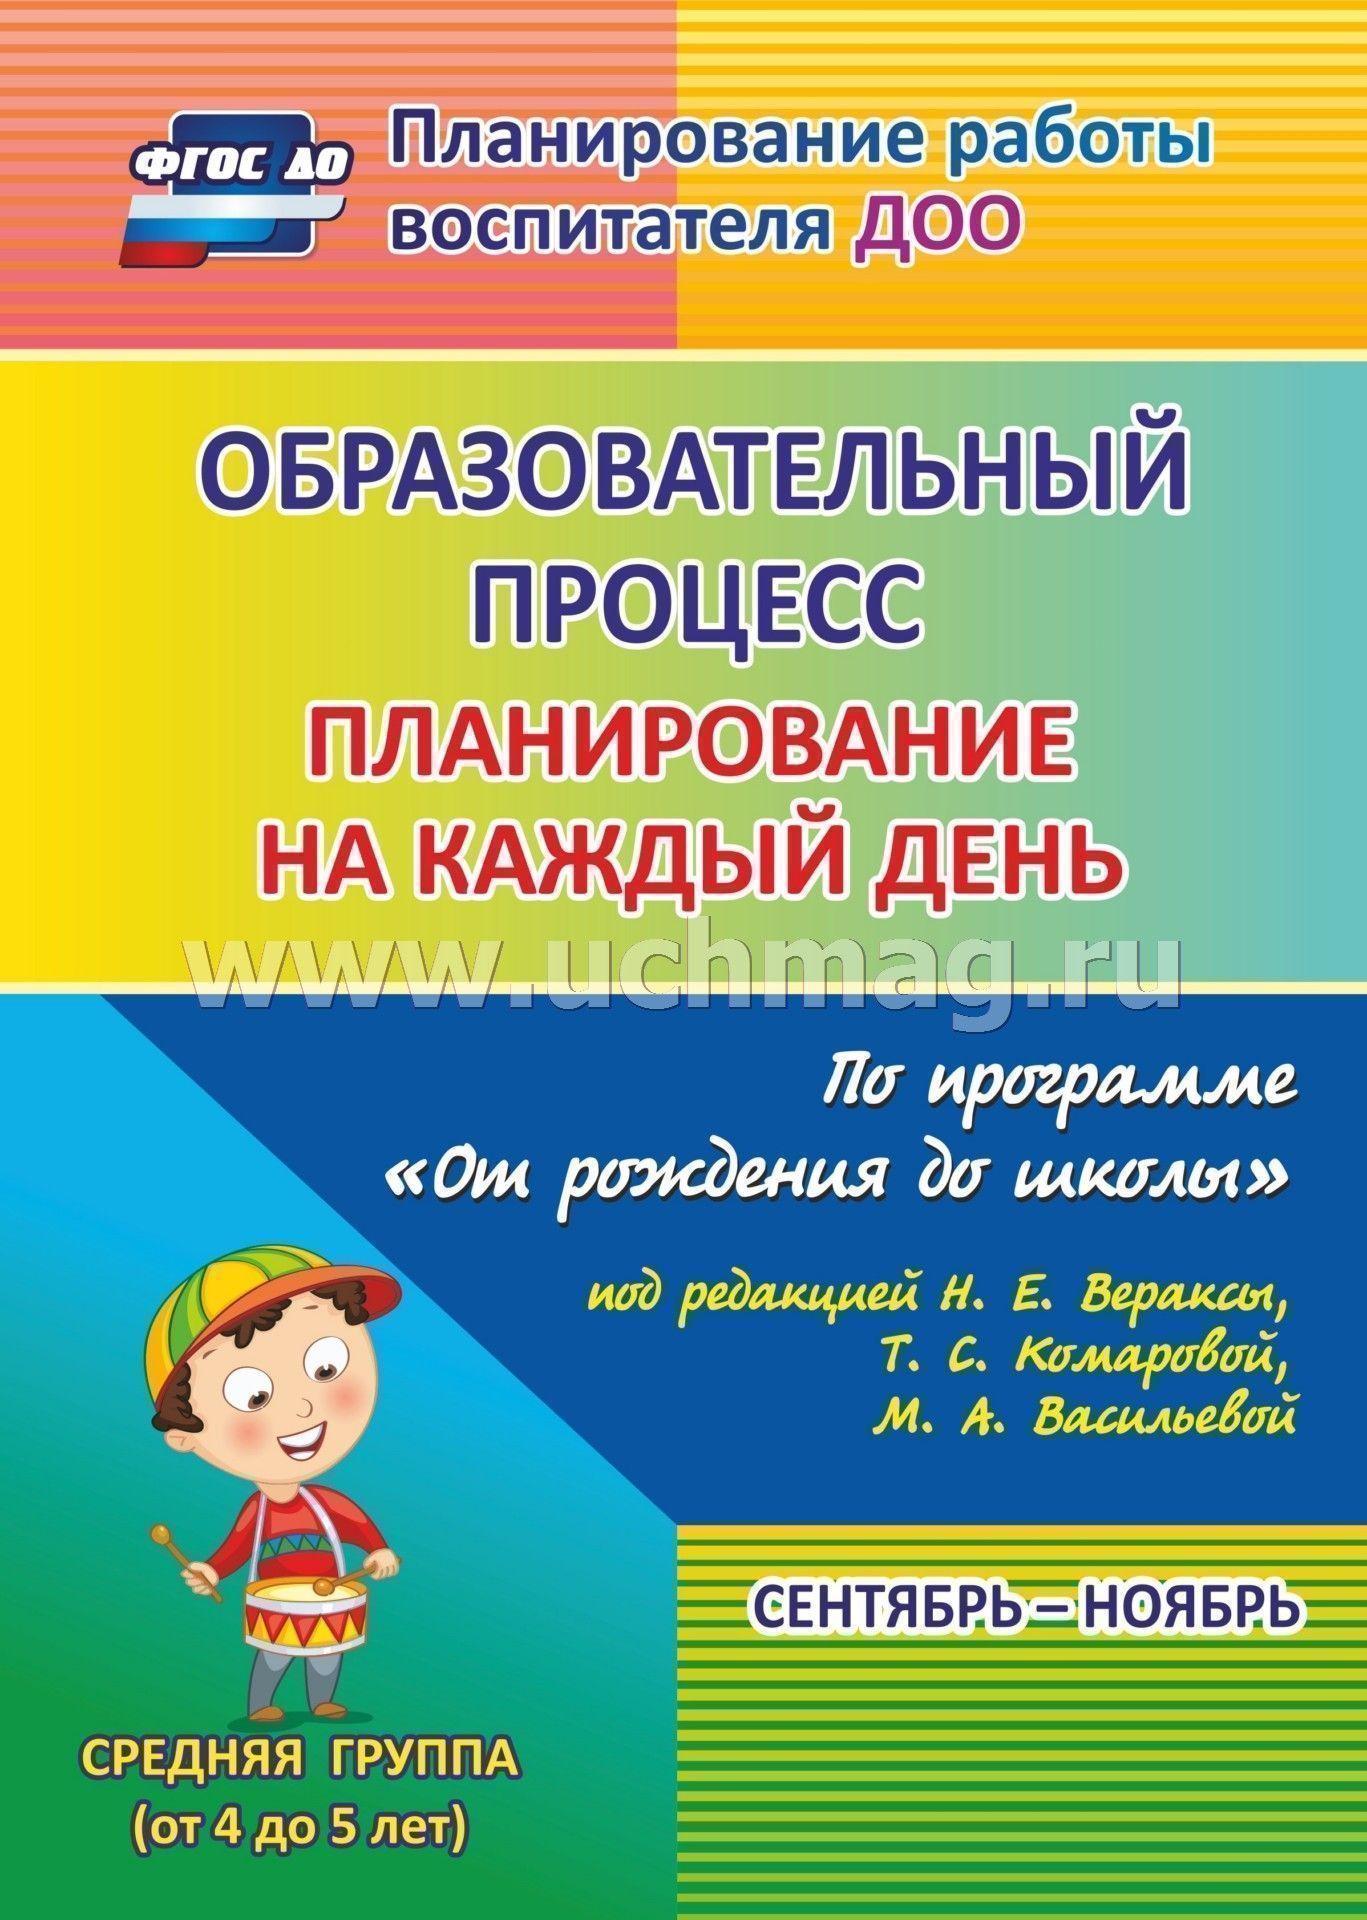 Основная образовательная программа школы